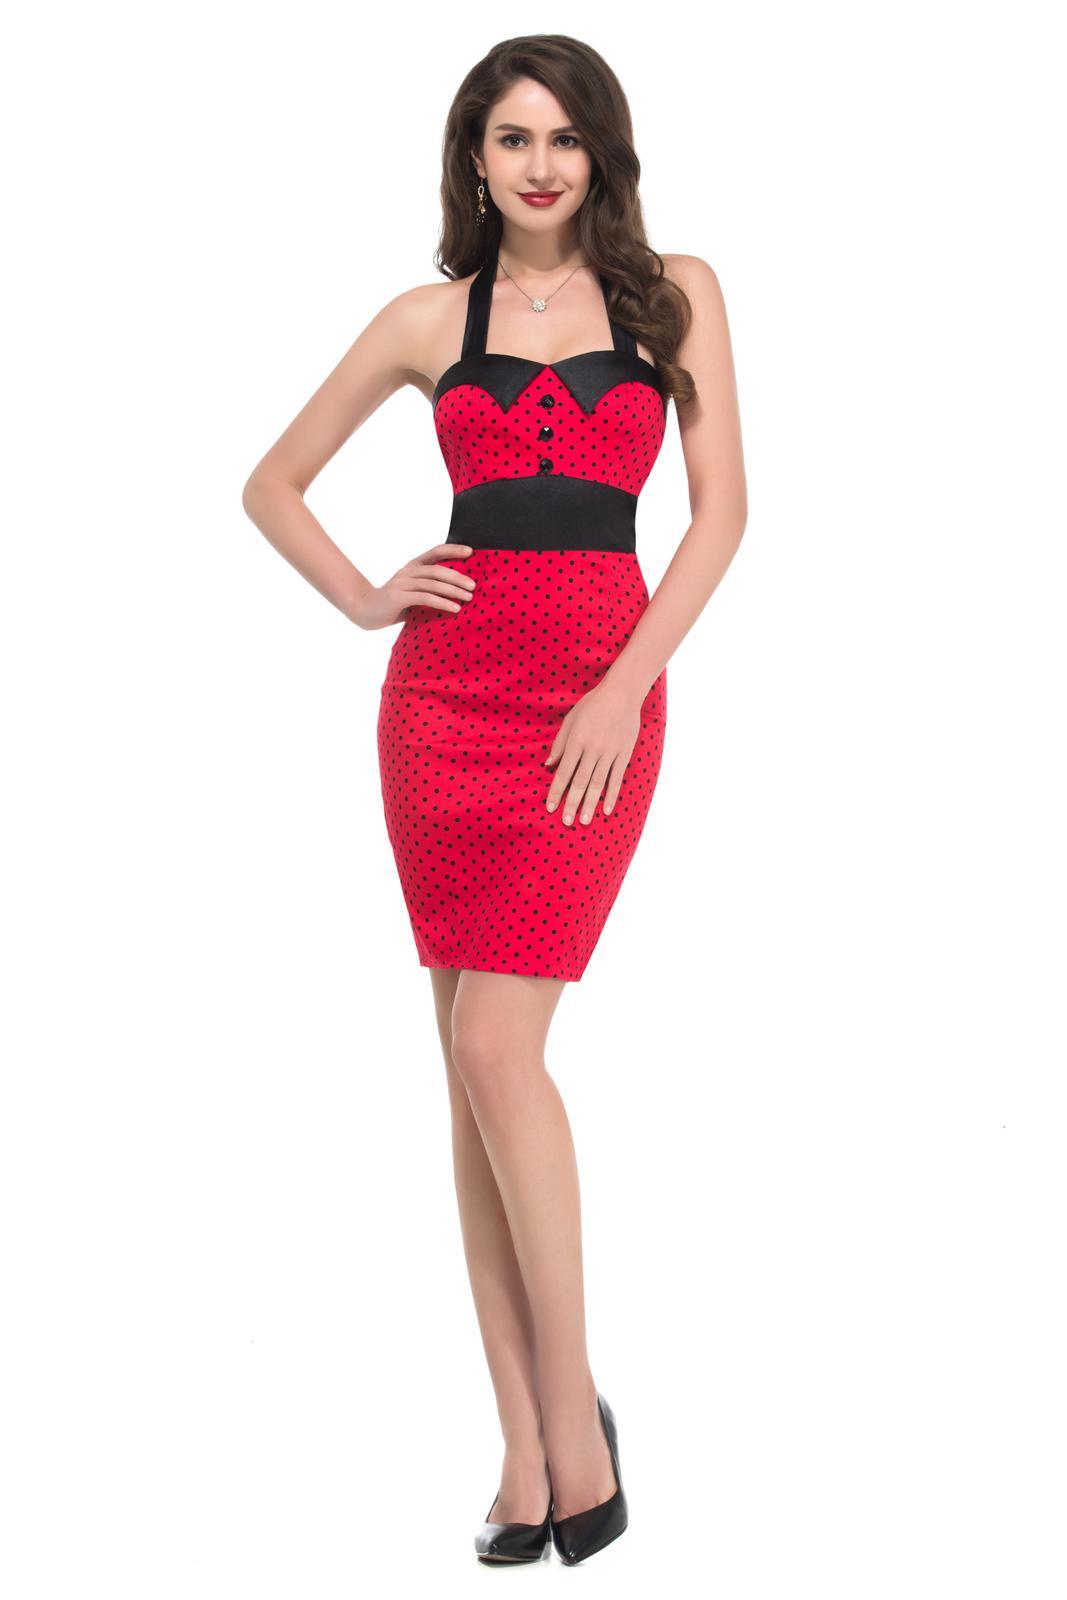 Retro šaty - Úzke červené šaty z 50. rokov SKLADOM: http://salonevamaria.sk/index.php?id_category=27&controller=category NA OBJEDNÁVKU: http://salonevamaria.sk/index.php?id_category=10&controller=category